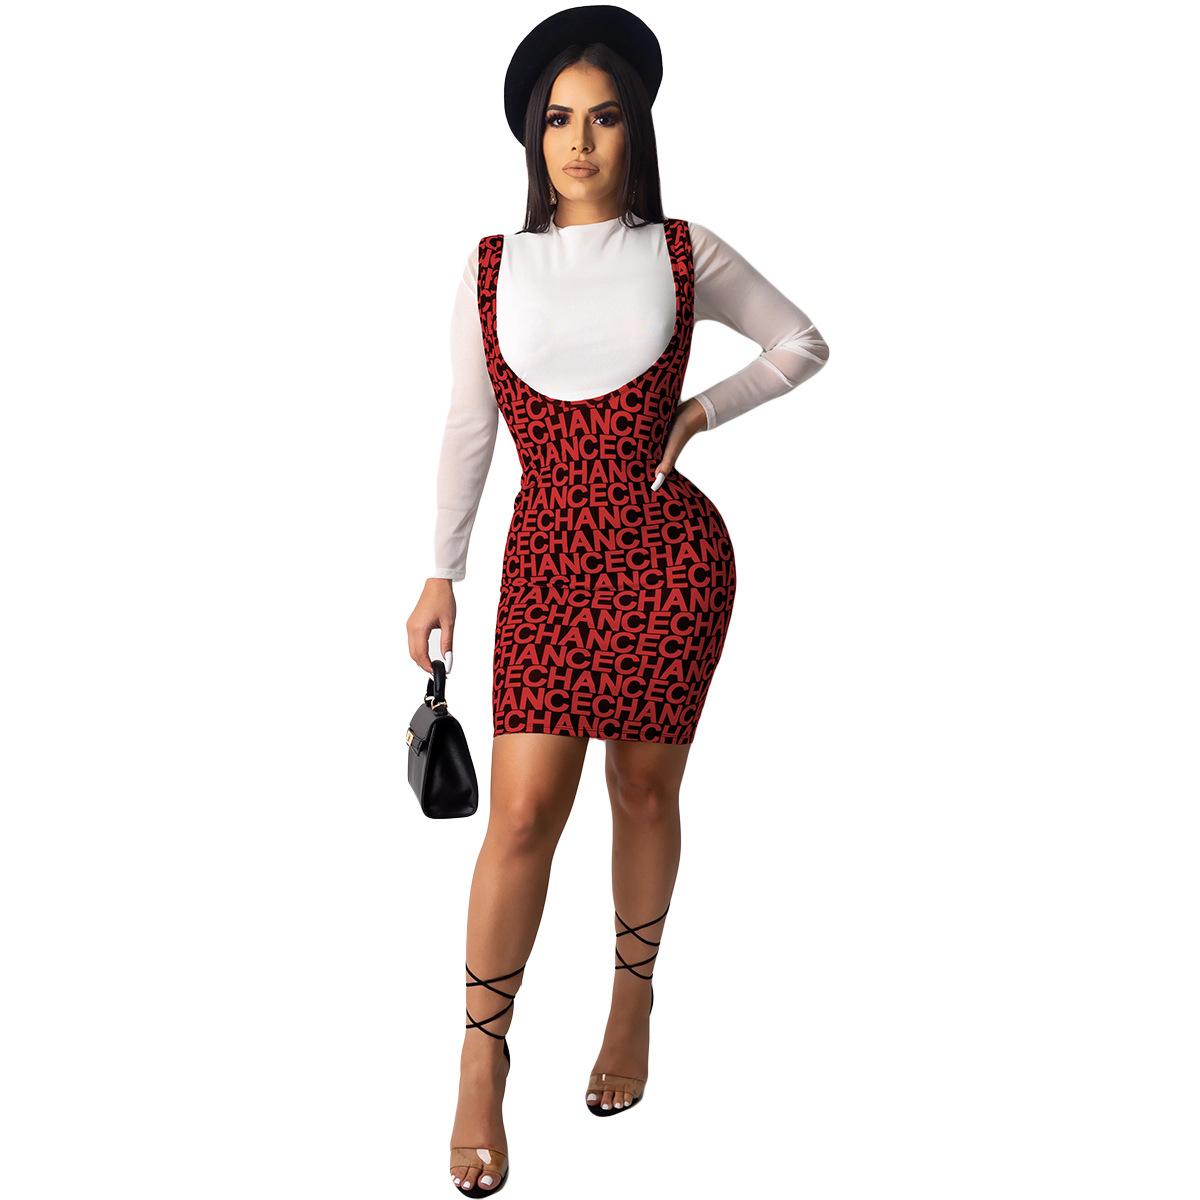 ANJAMANOR, модный принт, длинный рукав, комплект из двух частей, юбка, женская осенняя и зимняя одежда, 2020, сексуальная, 2 предмета, Клубная одежда, ...(Китай)